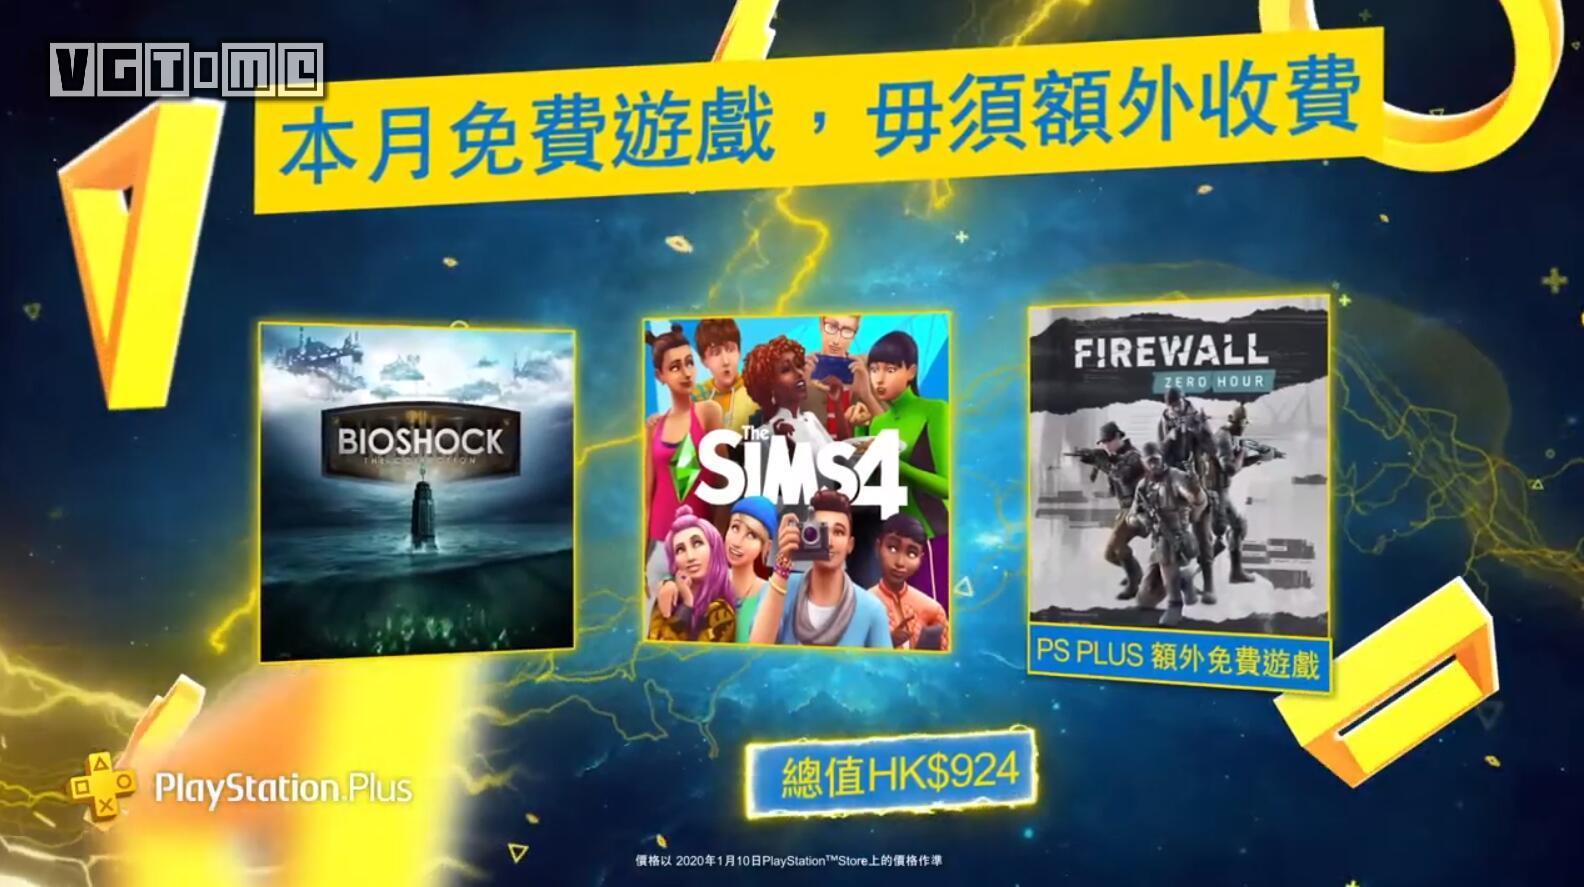 2020年2月港服PS+会员免费游戏:《生化奇兵 合集》《模拟人生4》